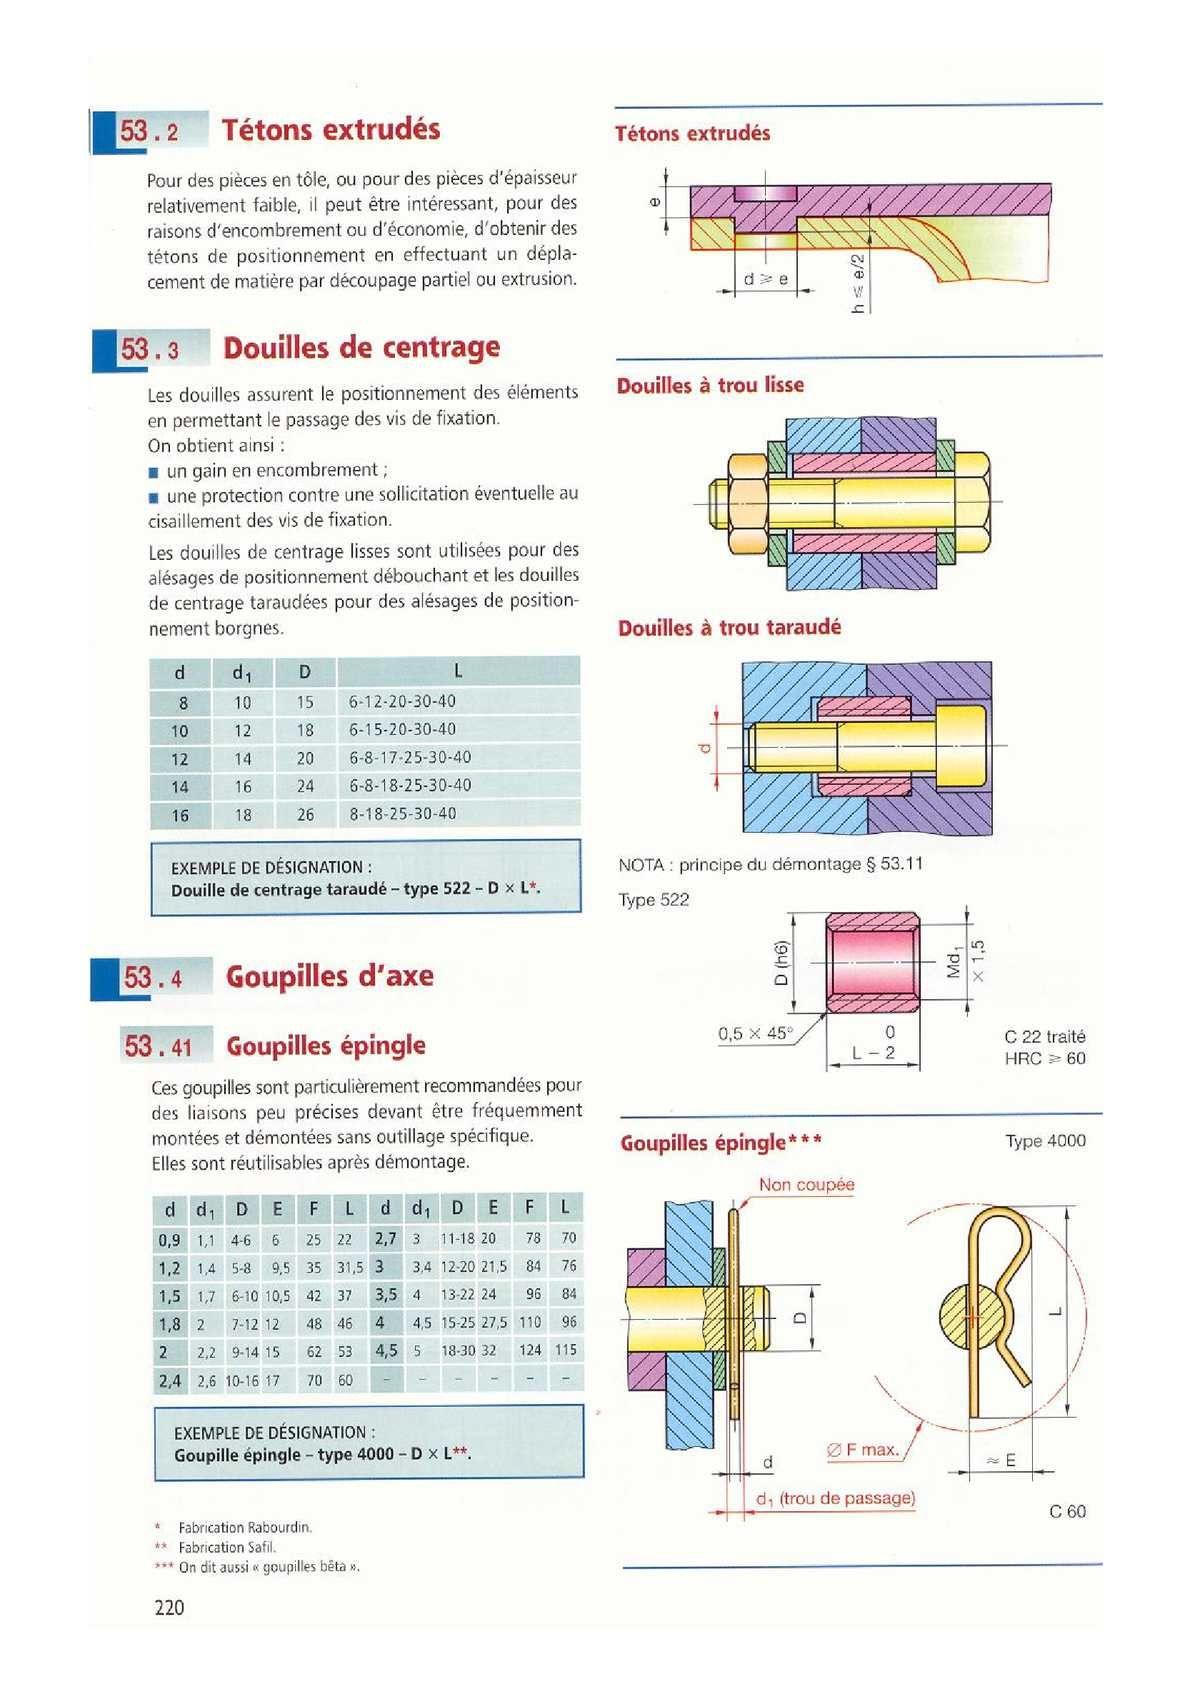 Guide Du Dessinateur Industriel Pdf : guide, dessinateur, industriel, Print, Guide, Dessinateur, Industriel, Chevalier, Guide,, Chevalier,